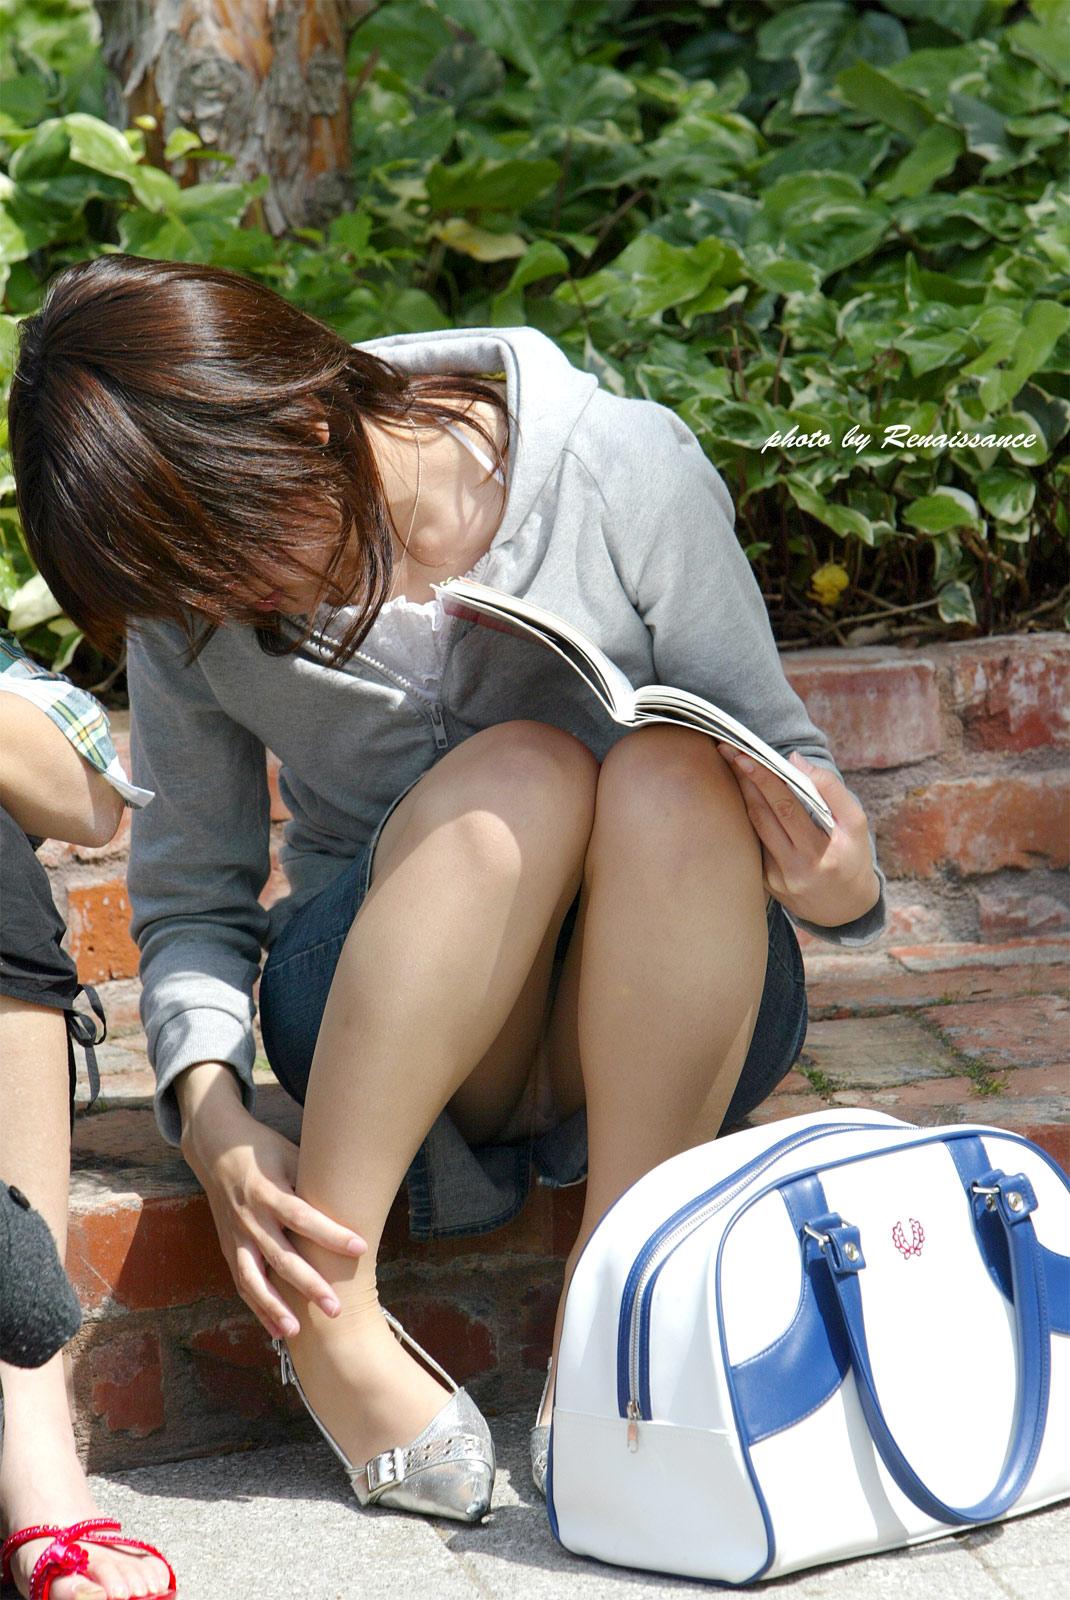 【無防備】股間ガラ空き!座りパンチラエロ画像【21】